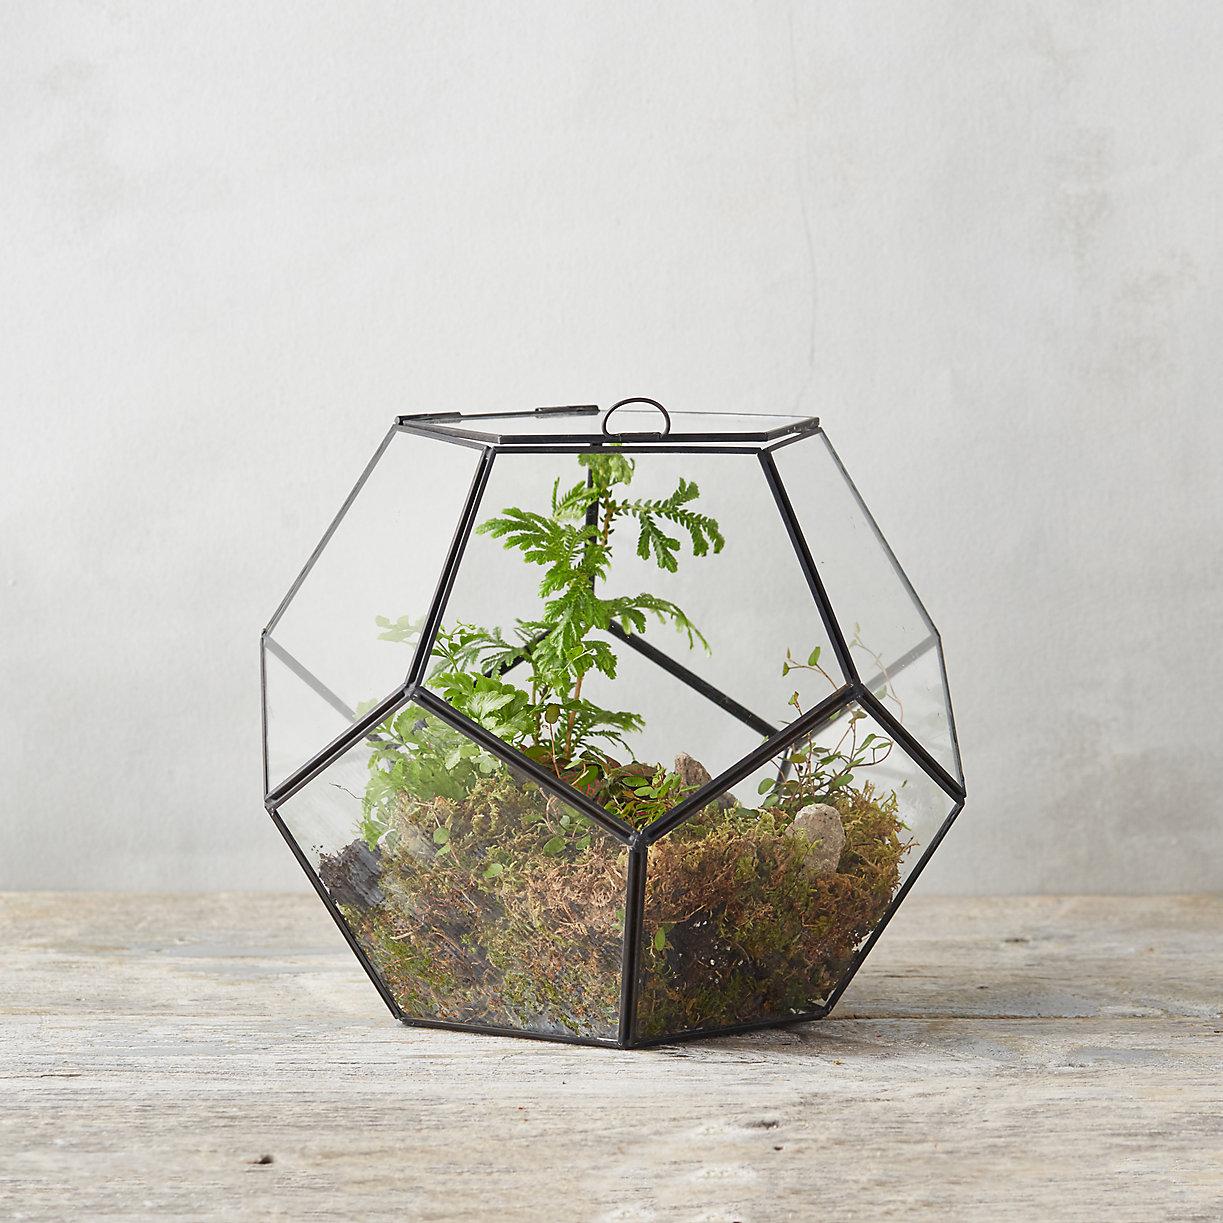 student-housing-terrarium-build-guide